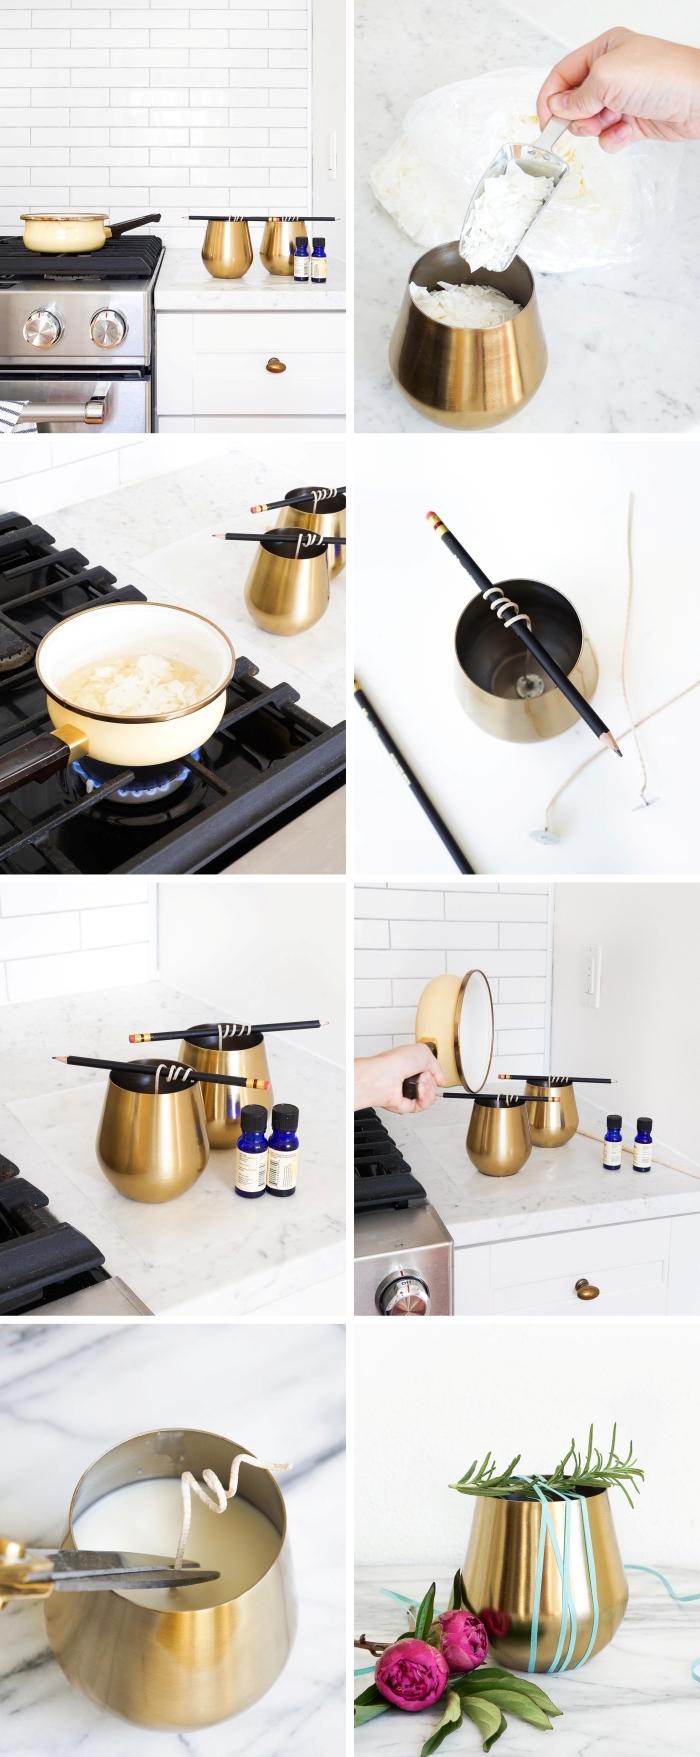 faire ses bougies parfumées soi même cire végétale fondue au bain marie contenant doré mèche